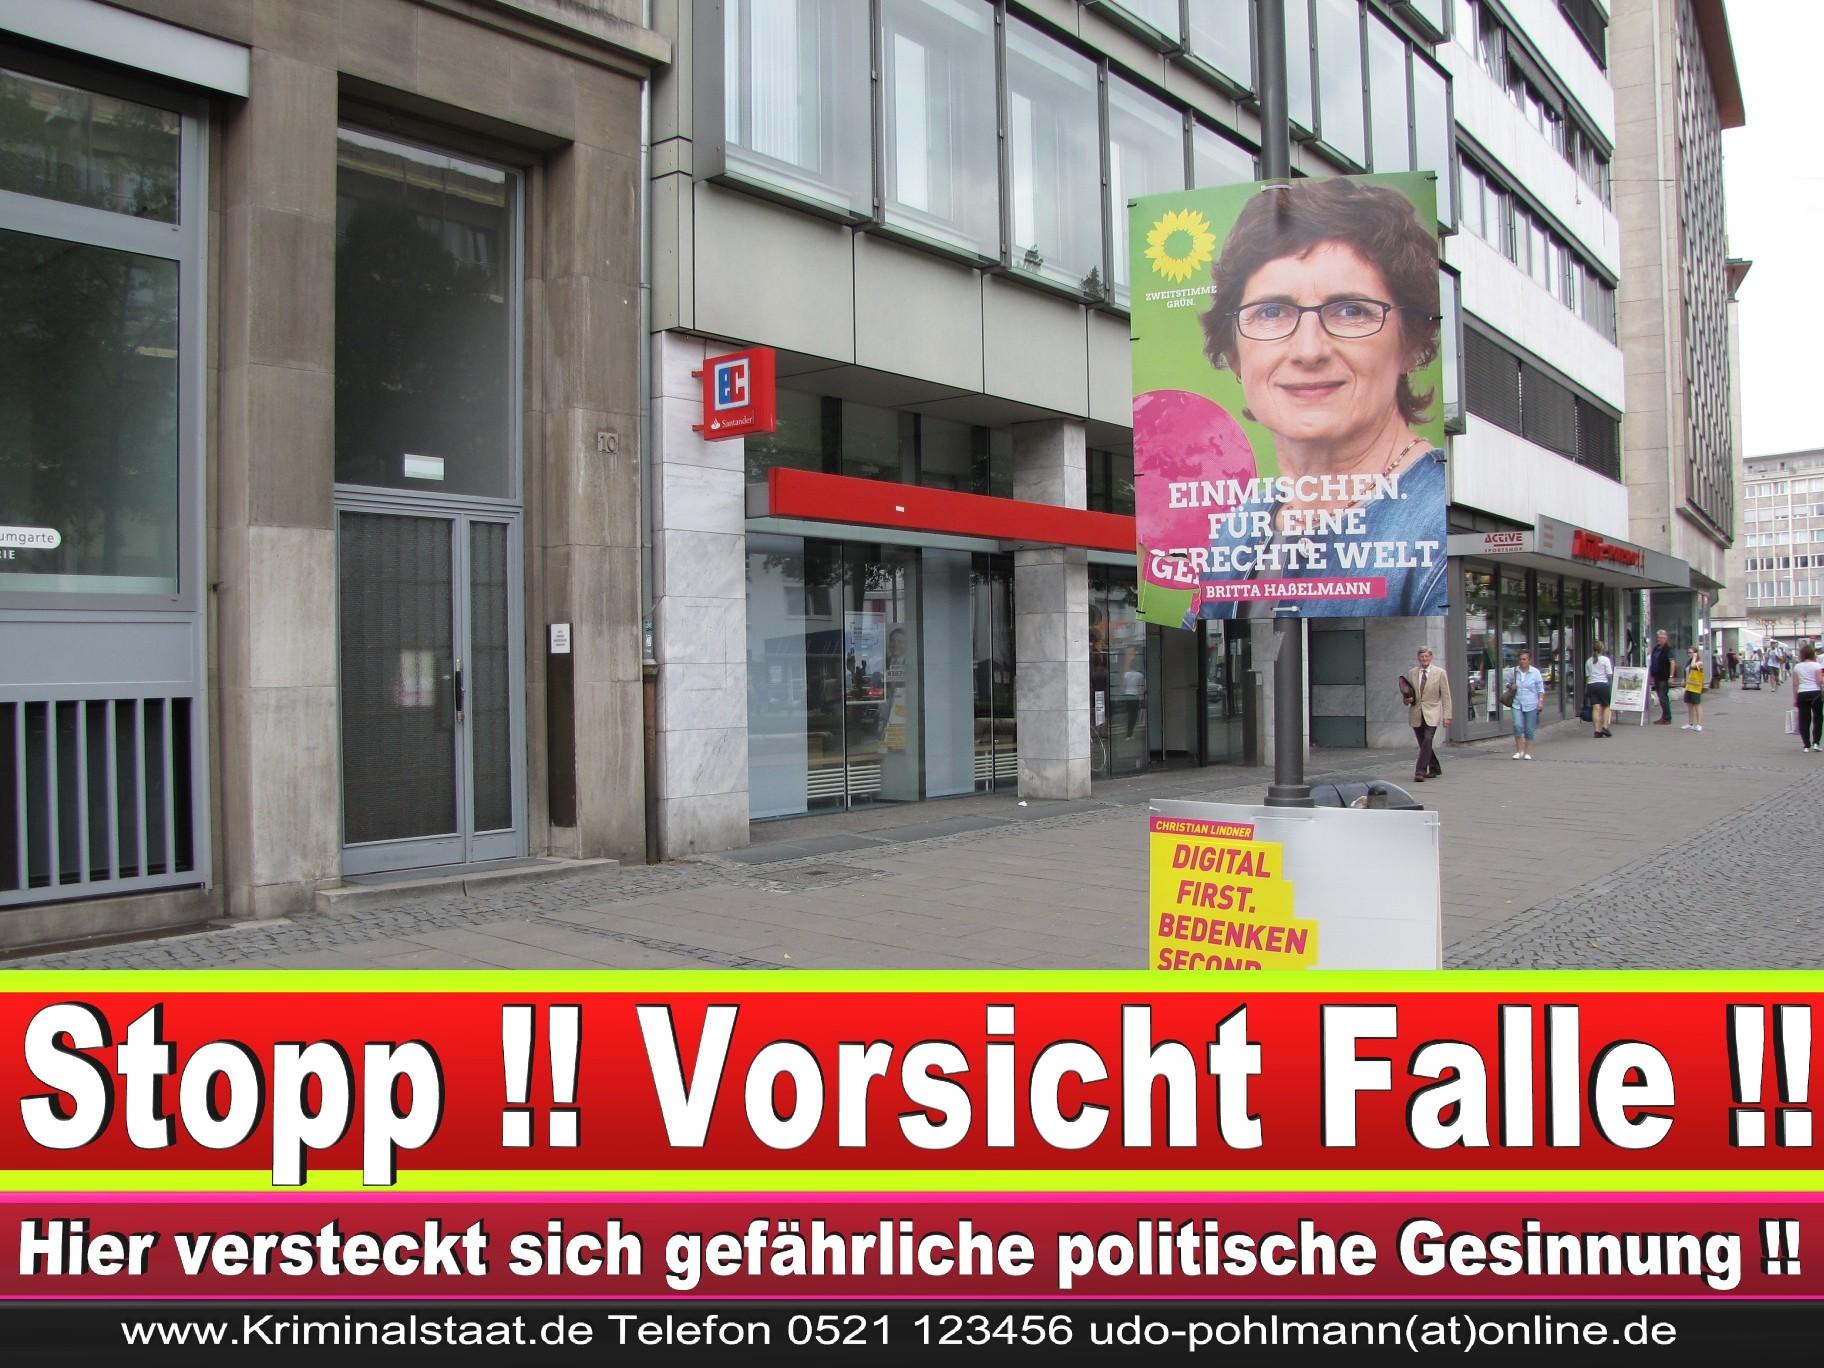 Wahlwerbung Wahlplakate Landtagswahl 2019 Europawahl CDU SPD FDP 2021 (30)